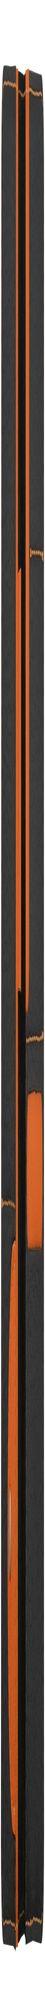 Органайзер для путешествий Hakuna Matata, черный с оранжевым